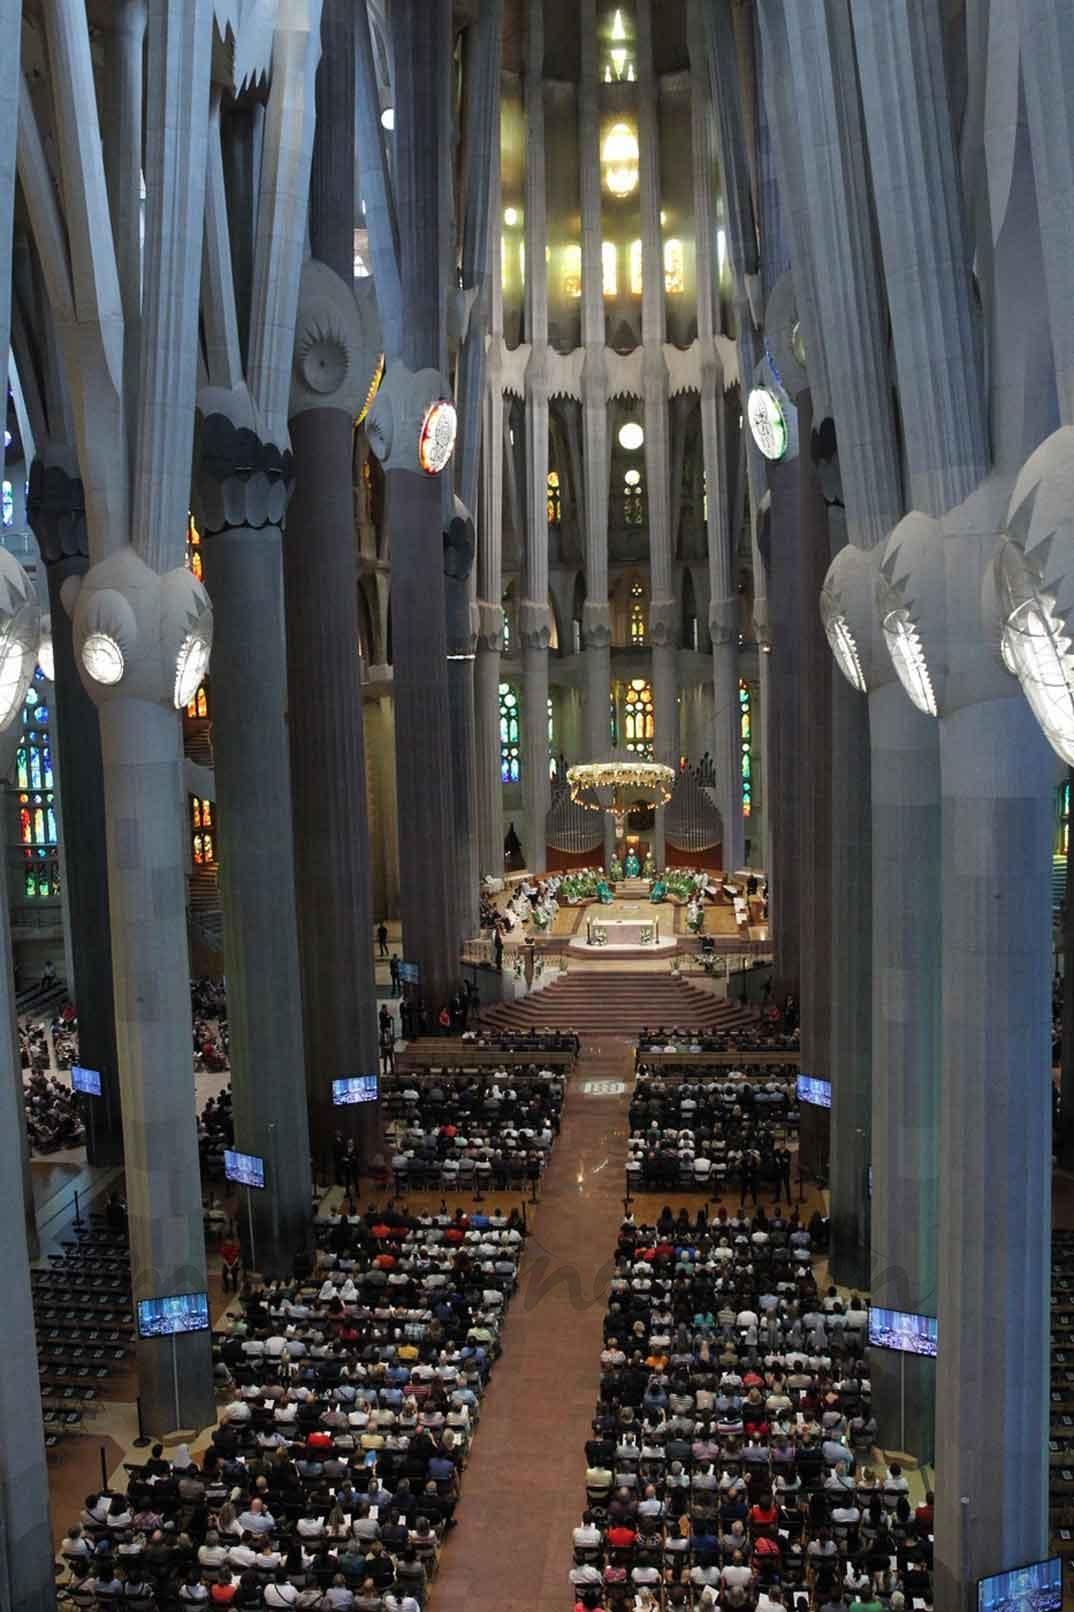 Vista del interior de la Sagrada Familia durante la ceremonia religiosa - Casa S.M. El Rey